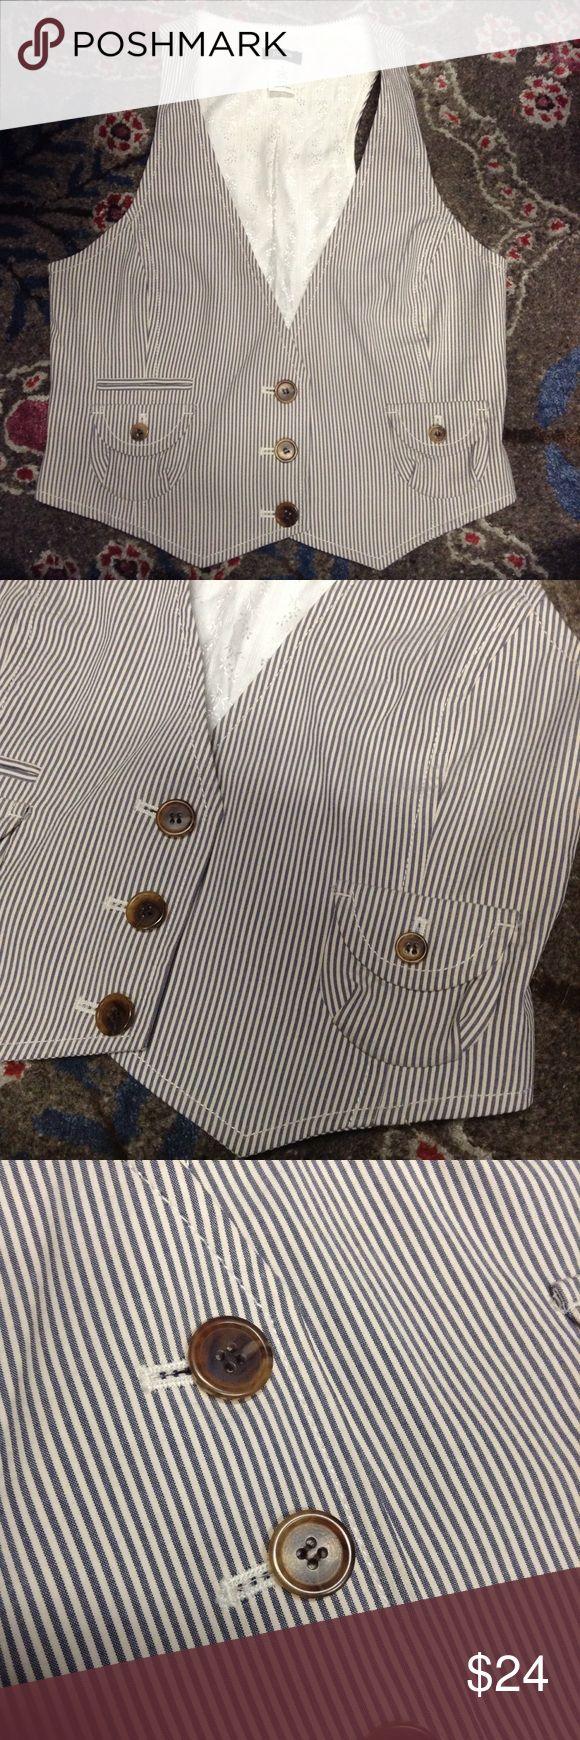 J CREW seersucker vest S Seersucker stripe vest, from J. Crew. 100% cotton. Size S. Like-new condition! J. Crew Other